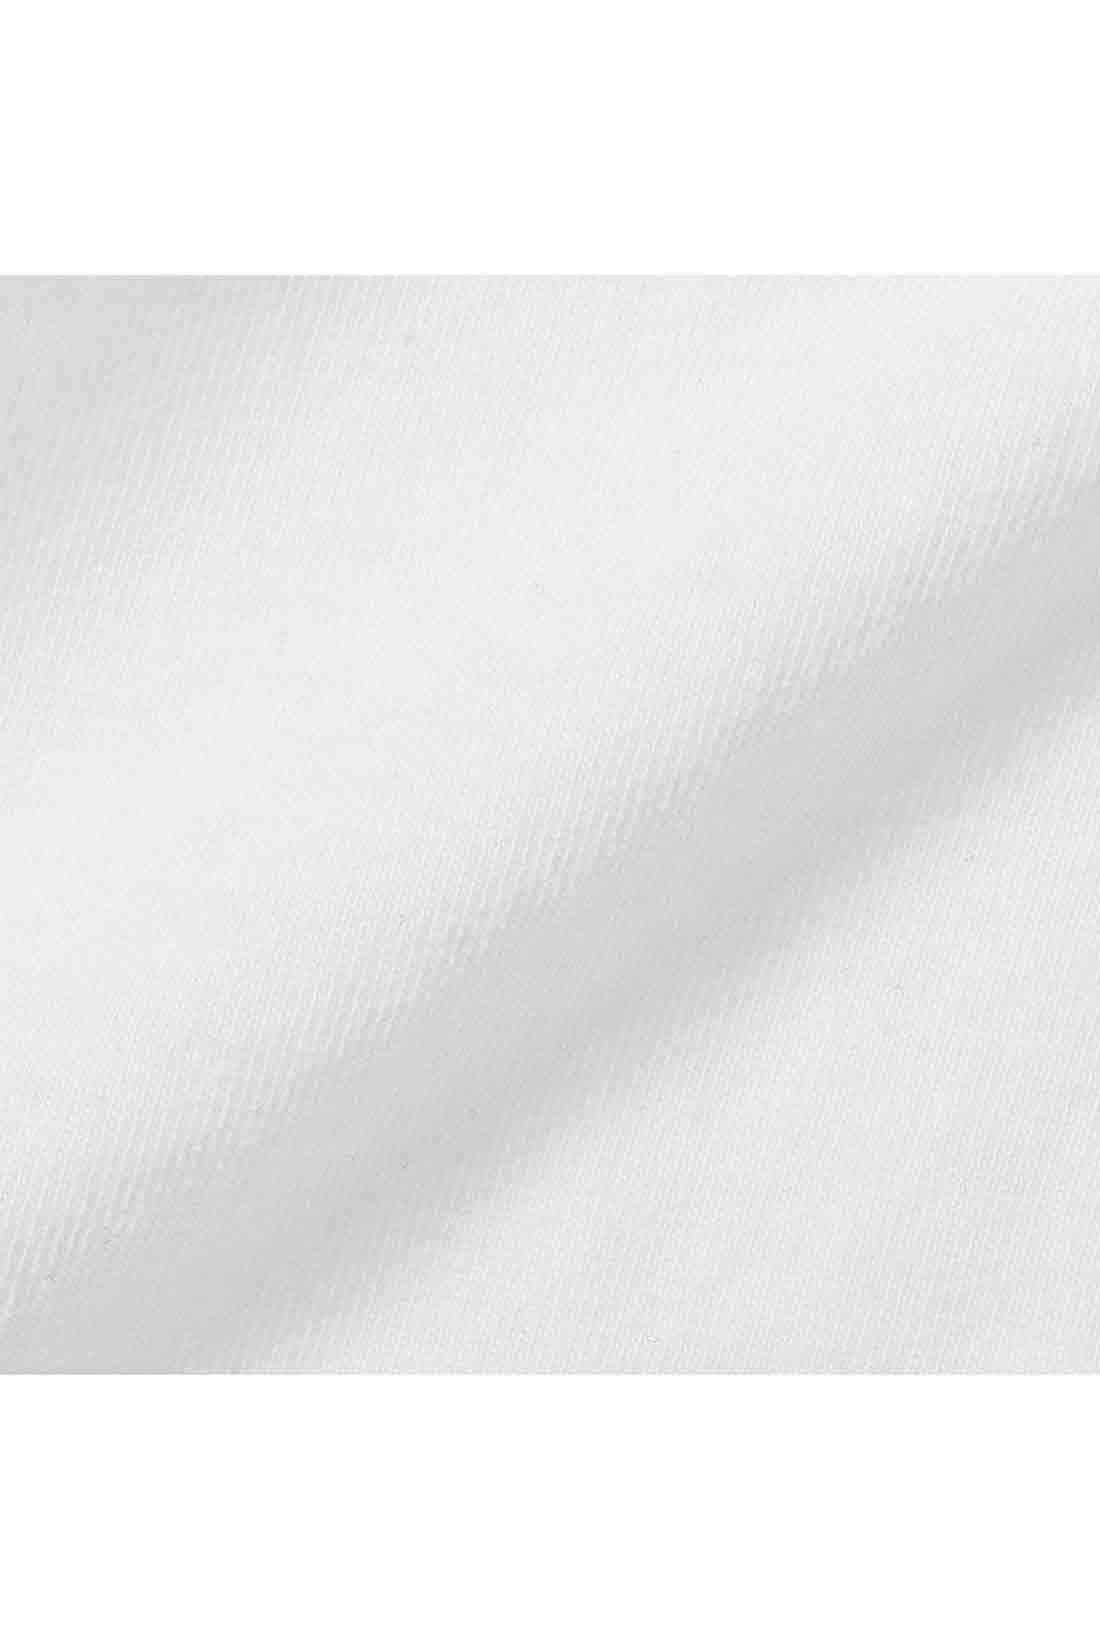 タンクの身生地は綿混で伸びやかなカットソー素材。